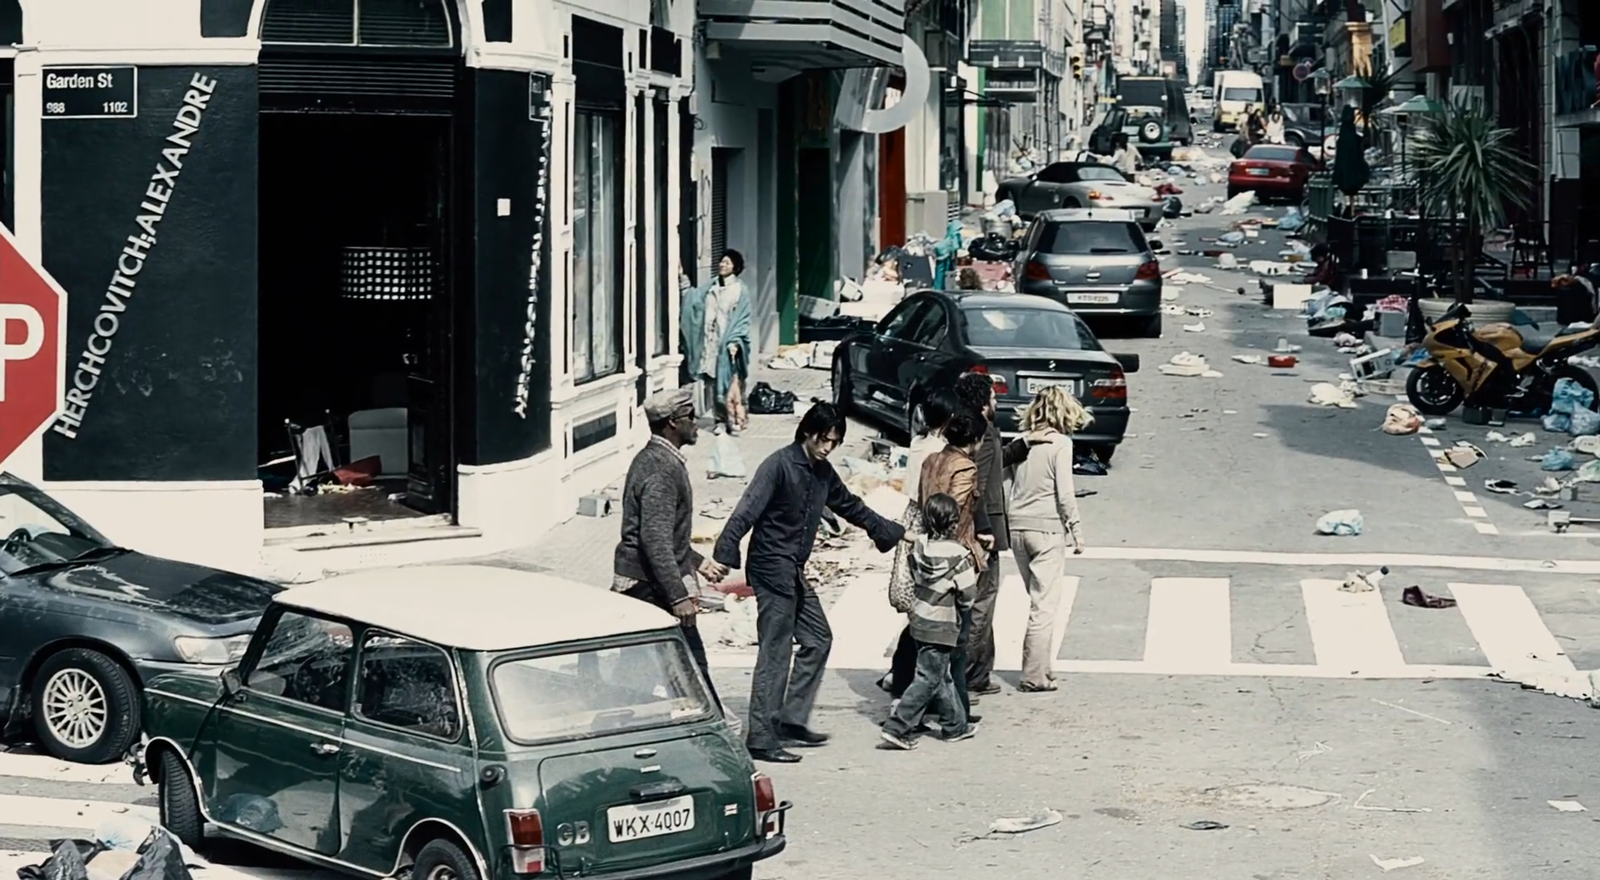 Flucht aus dem Lager in eine staatenlose Welt. Filmstill aus Blindness (Meirelles 2008).